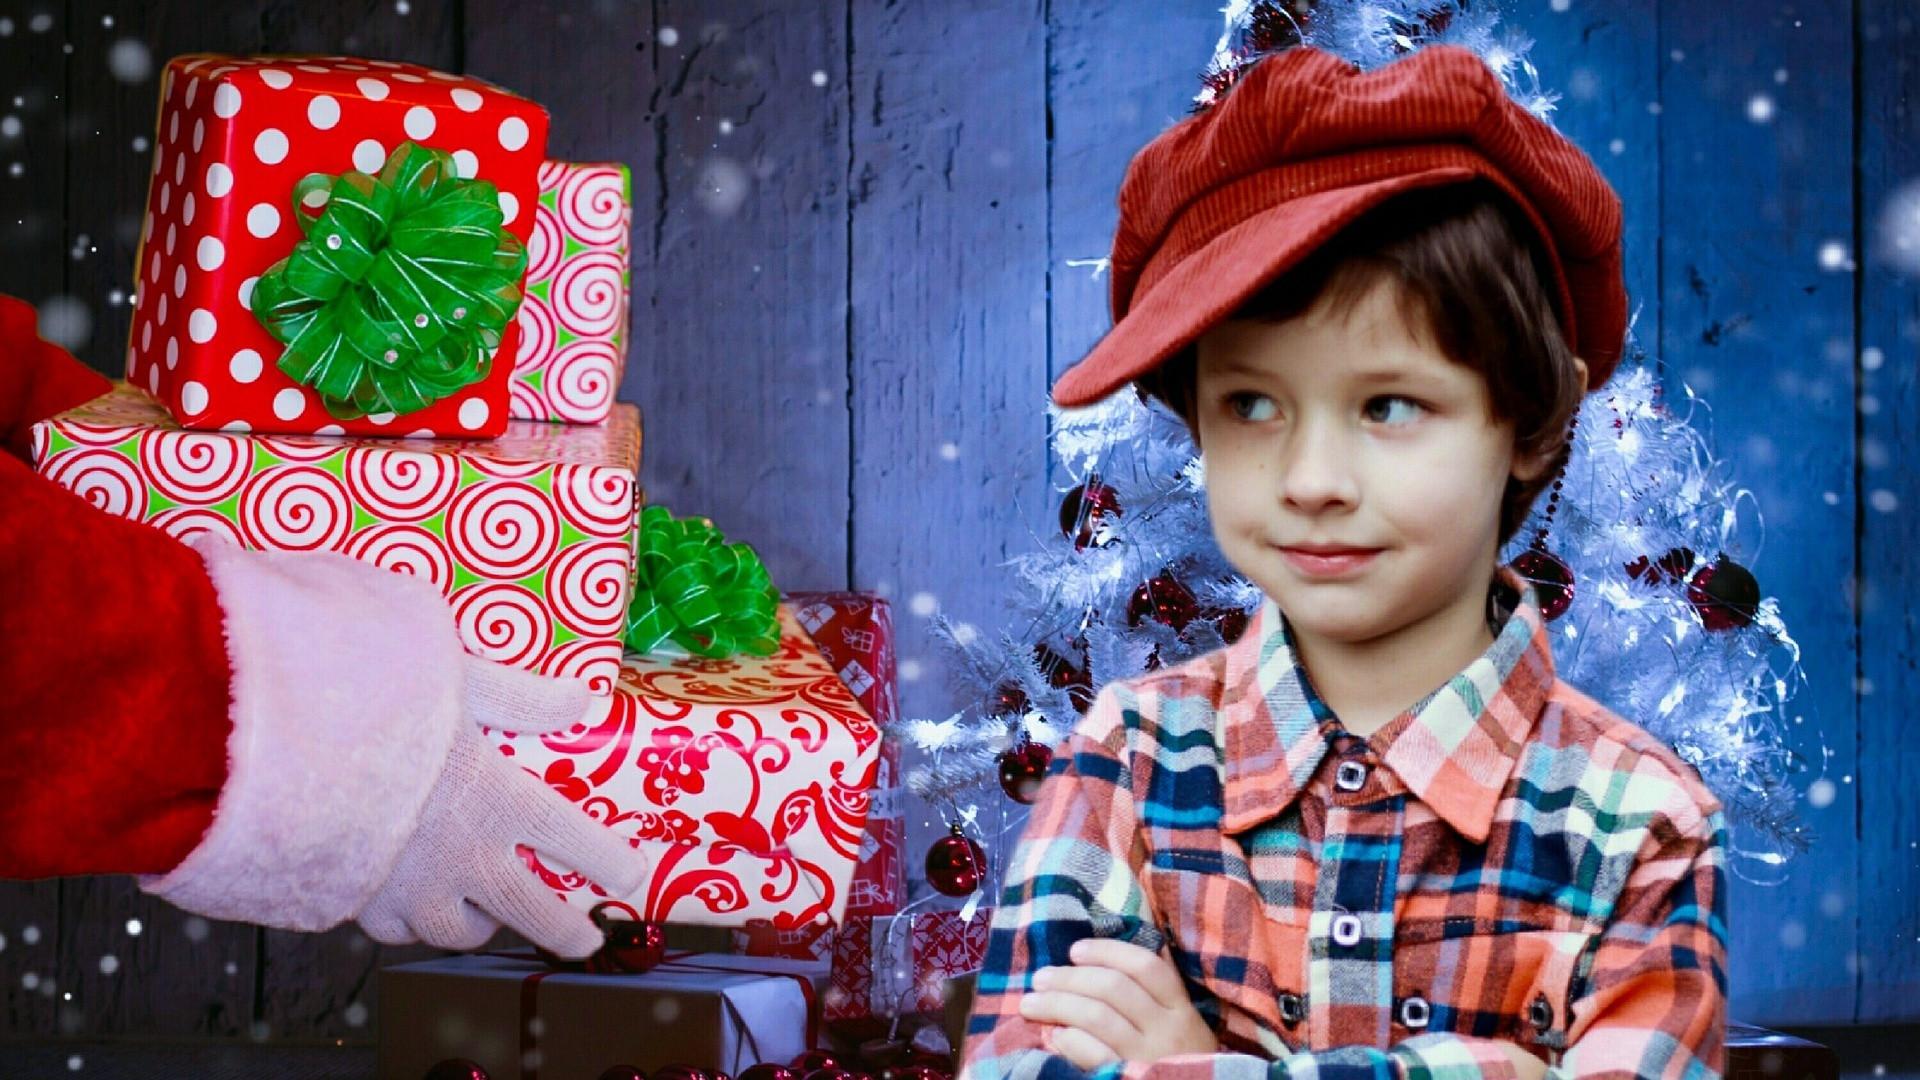 Die Weihnachtsgeschenke.Junge Ruft Polizei Weil Ihm Die Weihnachtsgeschenke Nicht Gefallen